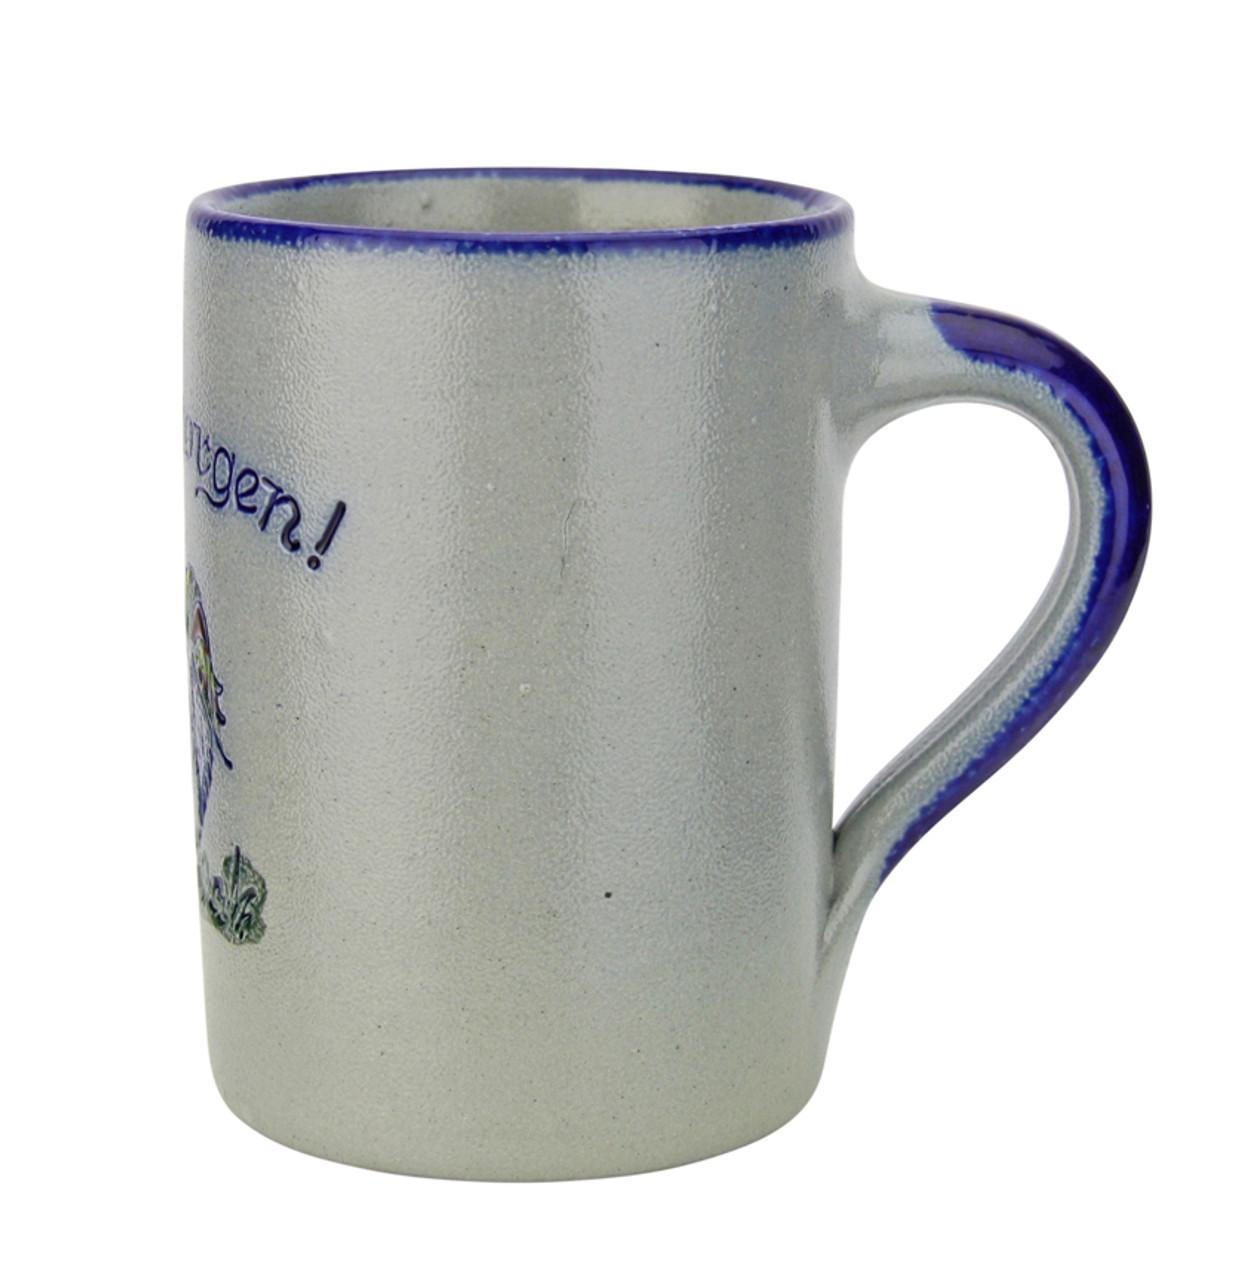 Guten Morgen | Good Morning Rooster Salt Glaze Coffee Cup